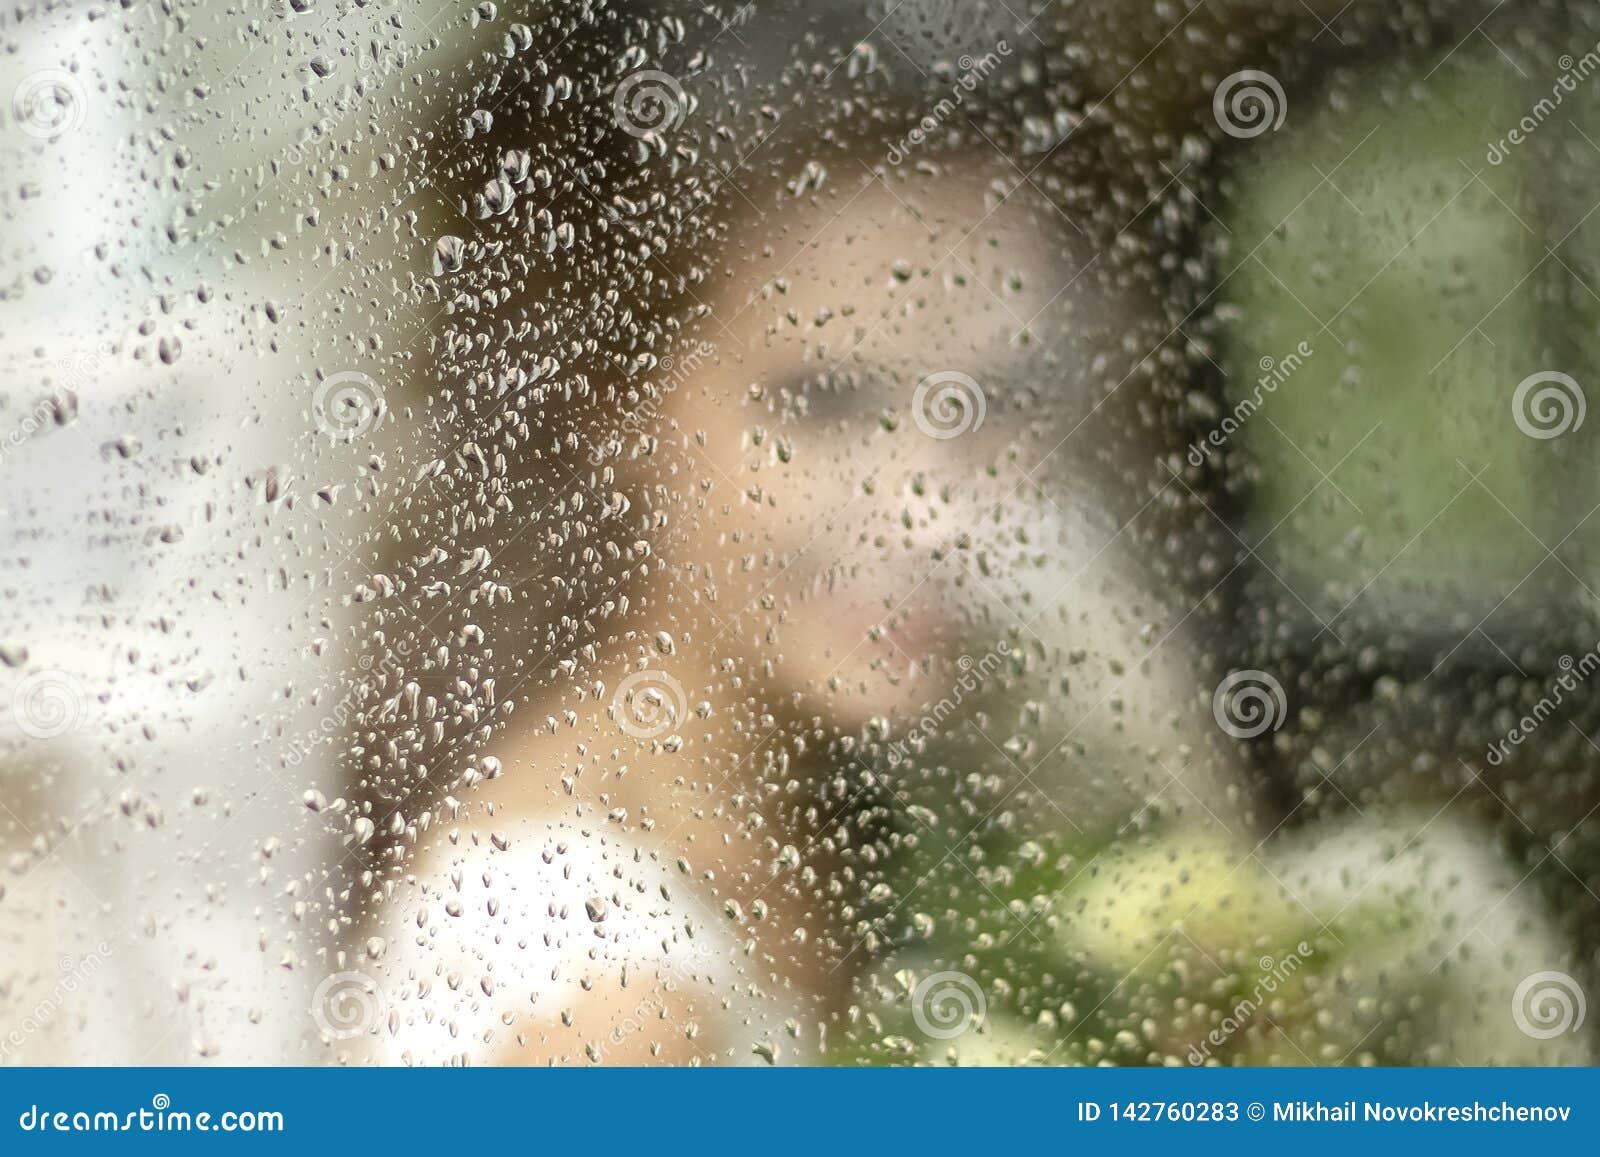 Panny młodej sylwetka w ślubnej sukni z bukietem kwiaty przez szkła w podeszczowych kroplach